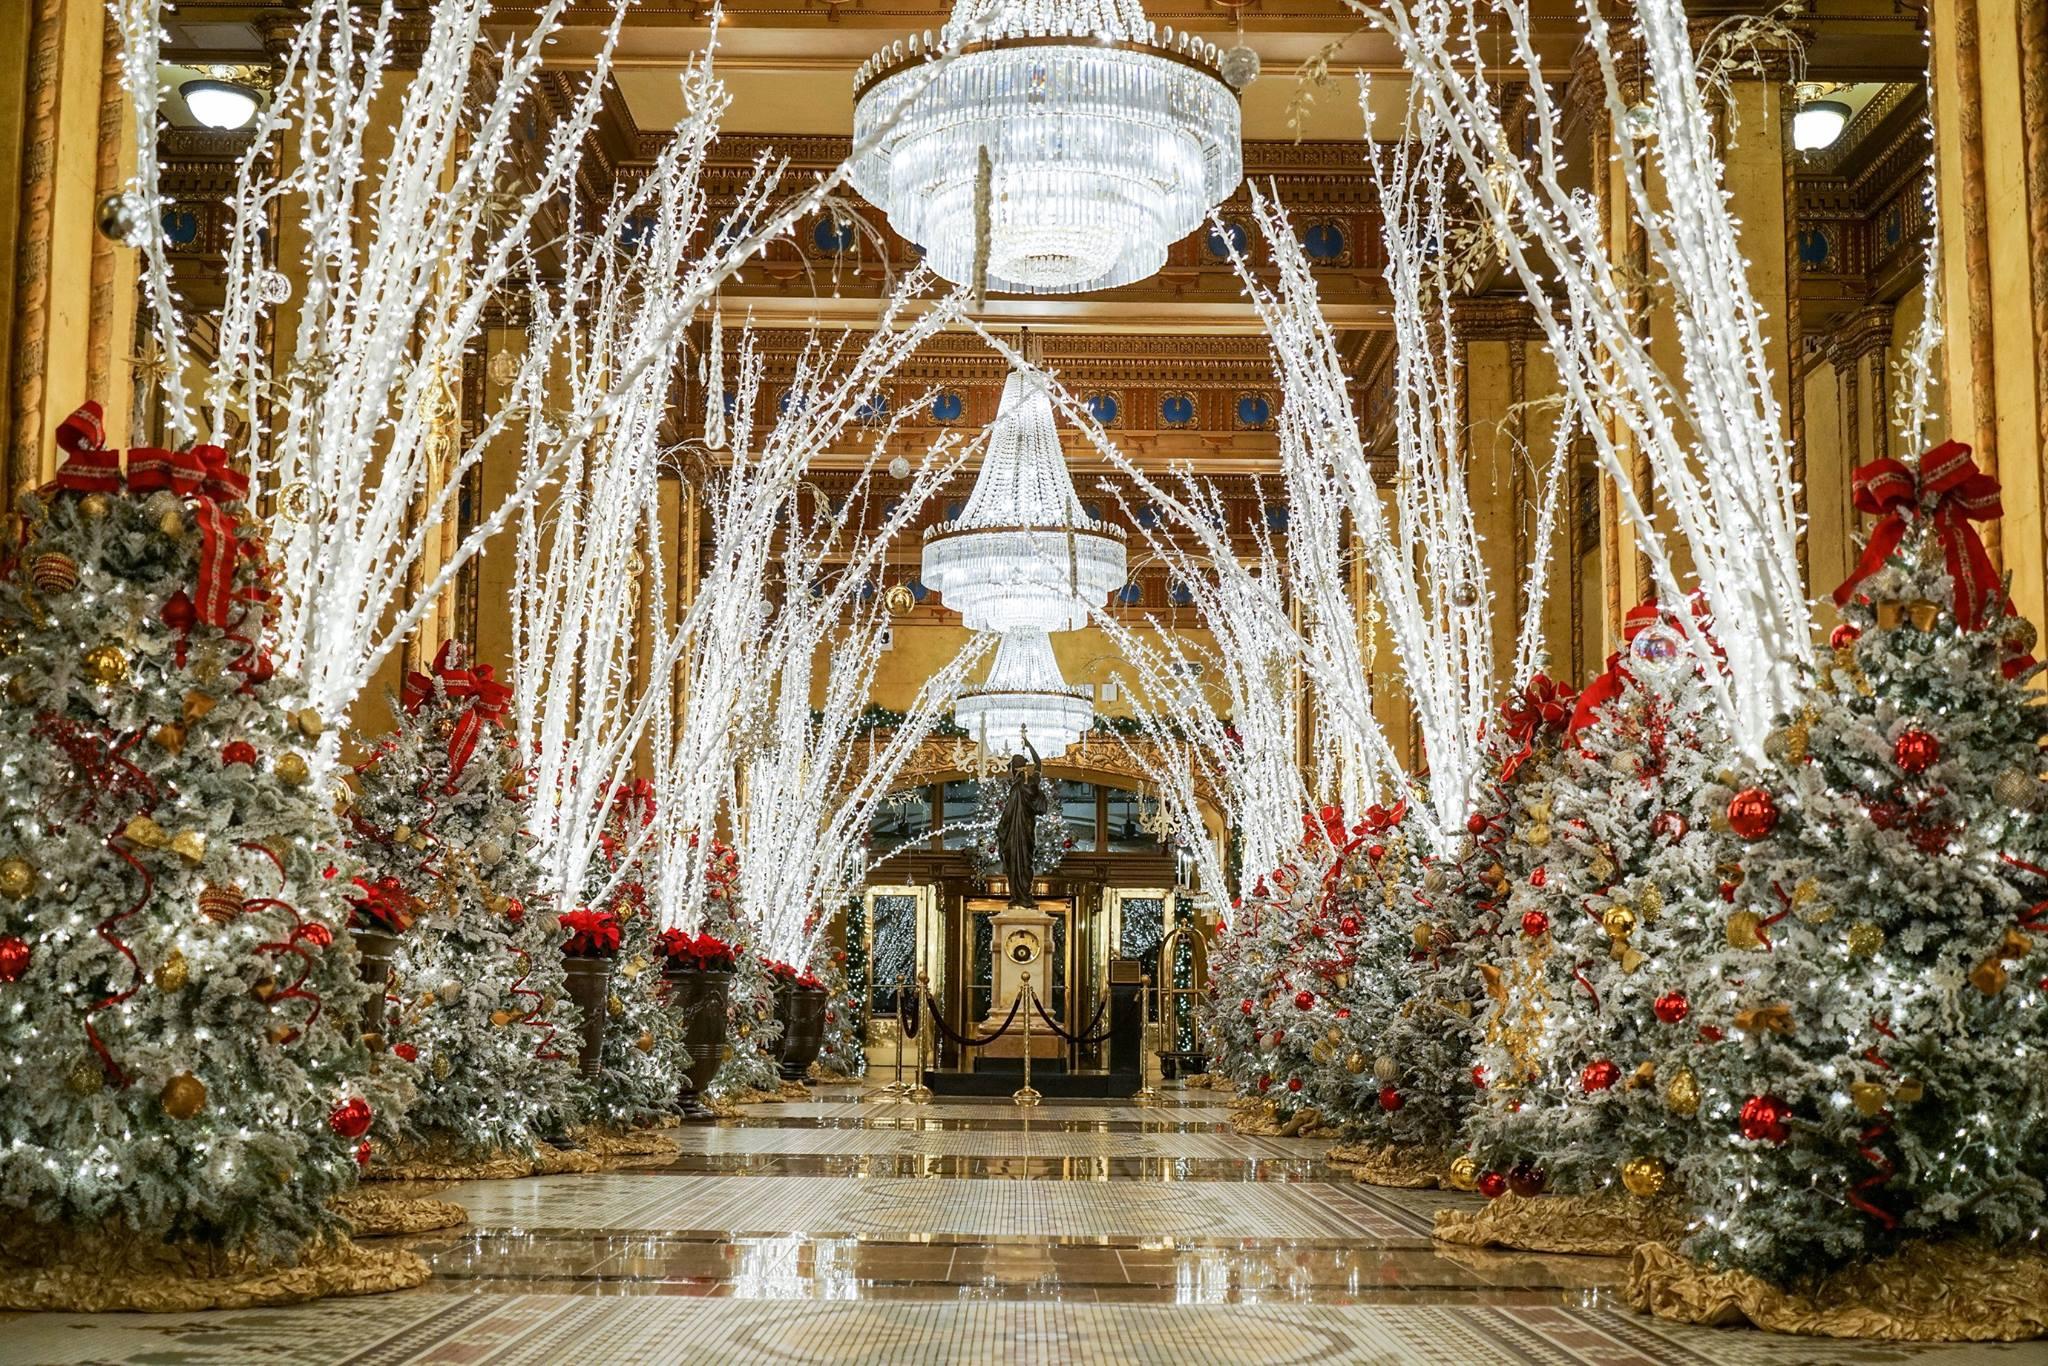 Αποτέλεσμα εικόνας για the roosevelt new orleans christmas